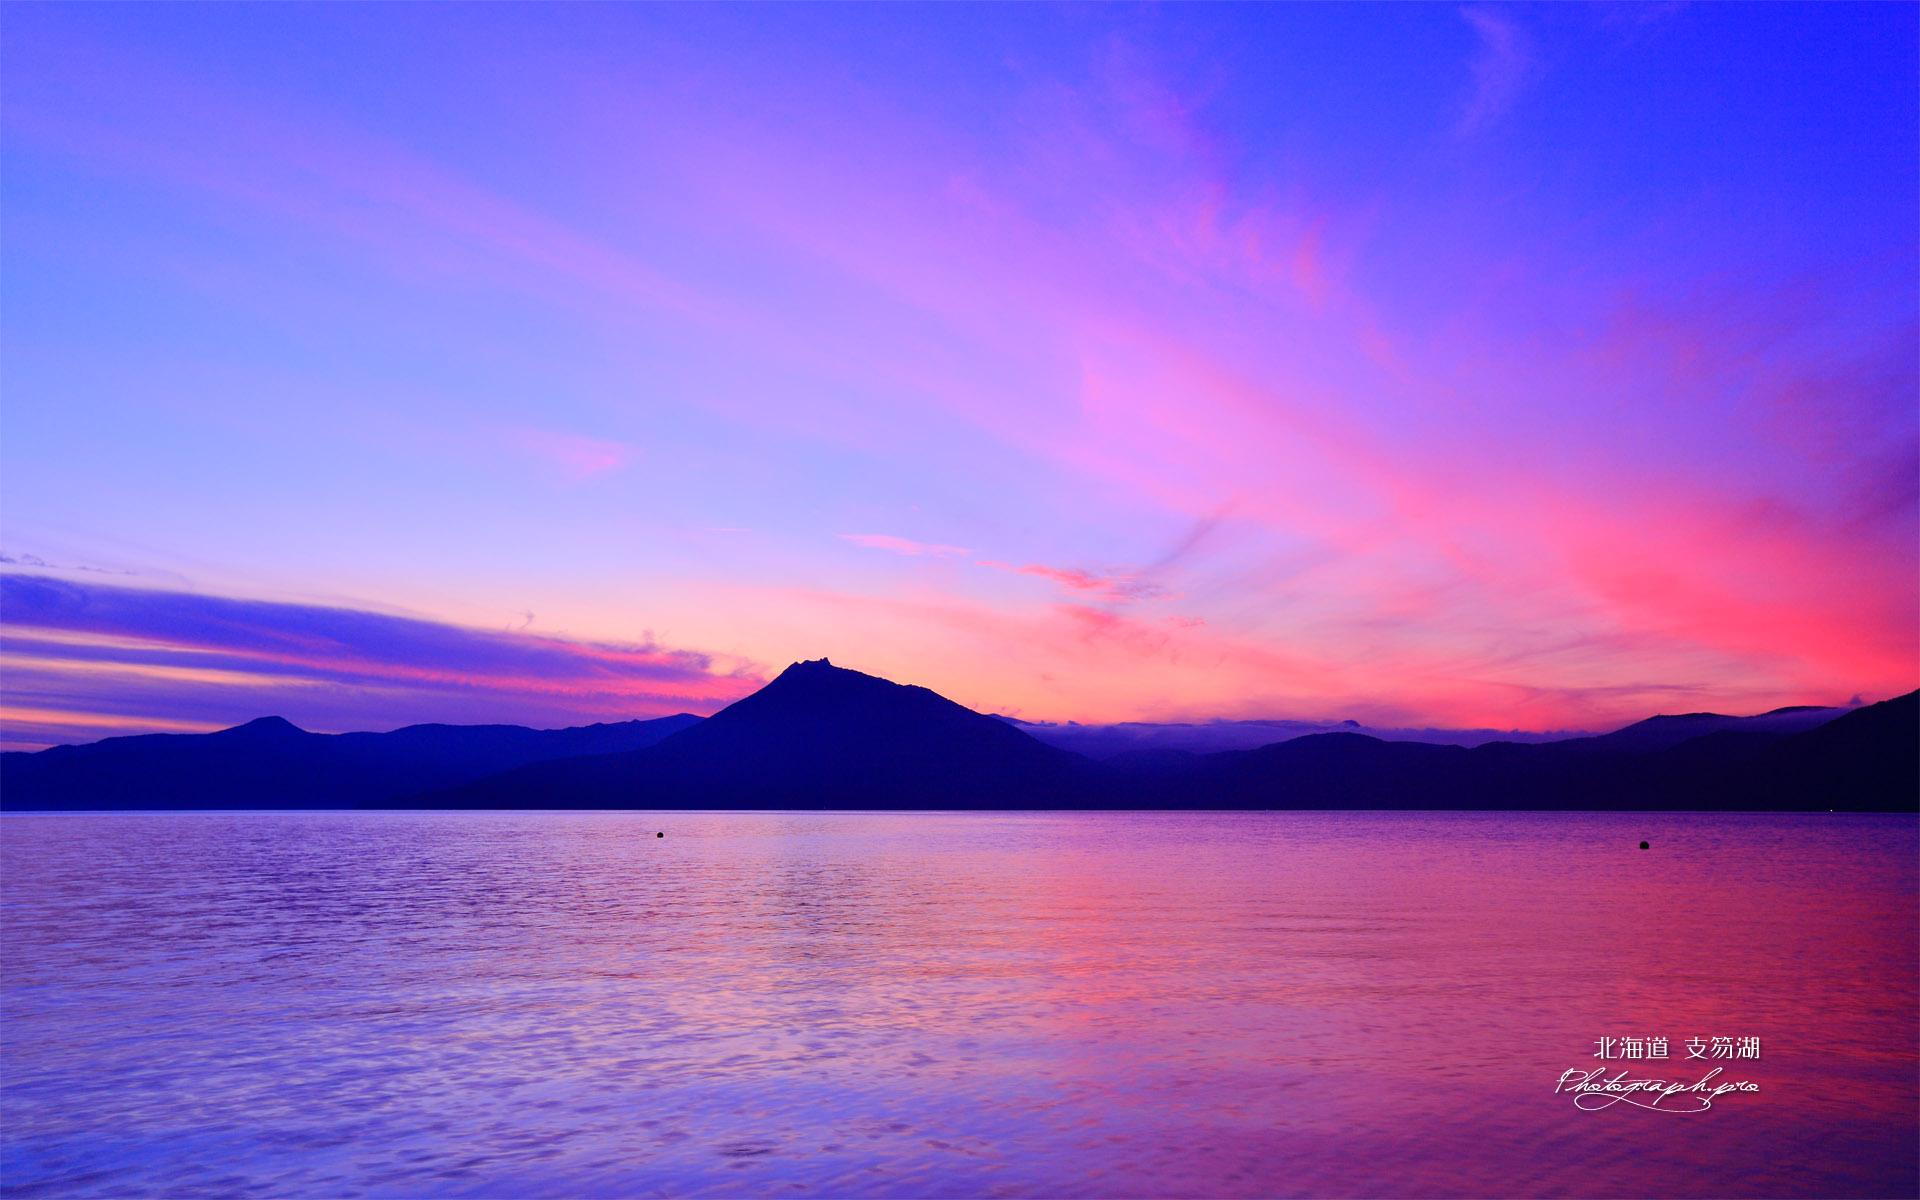 支笏湖の夕焼け小焼け の壁紙 19x10